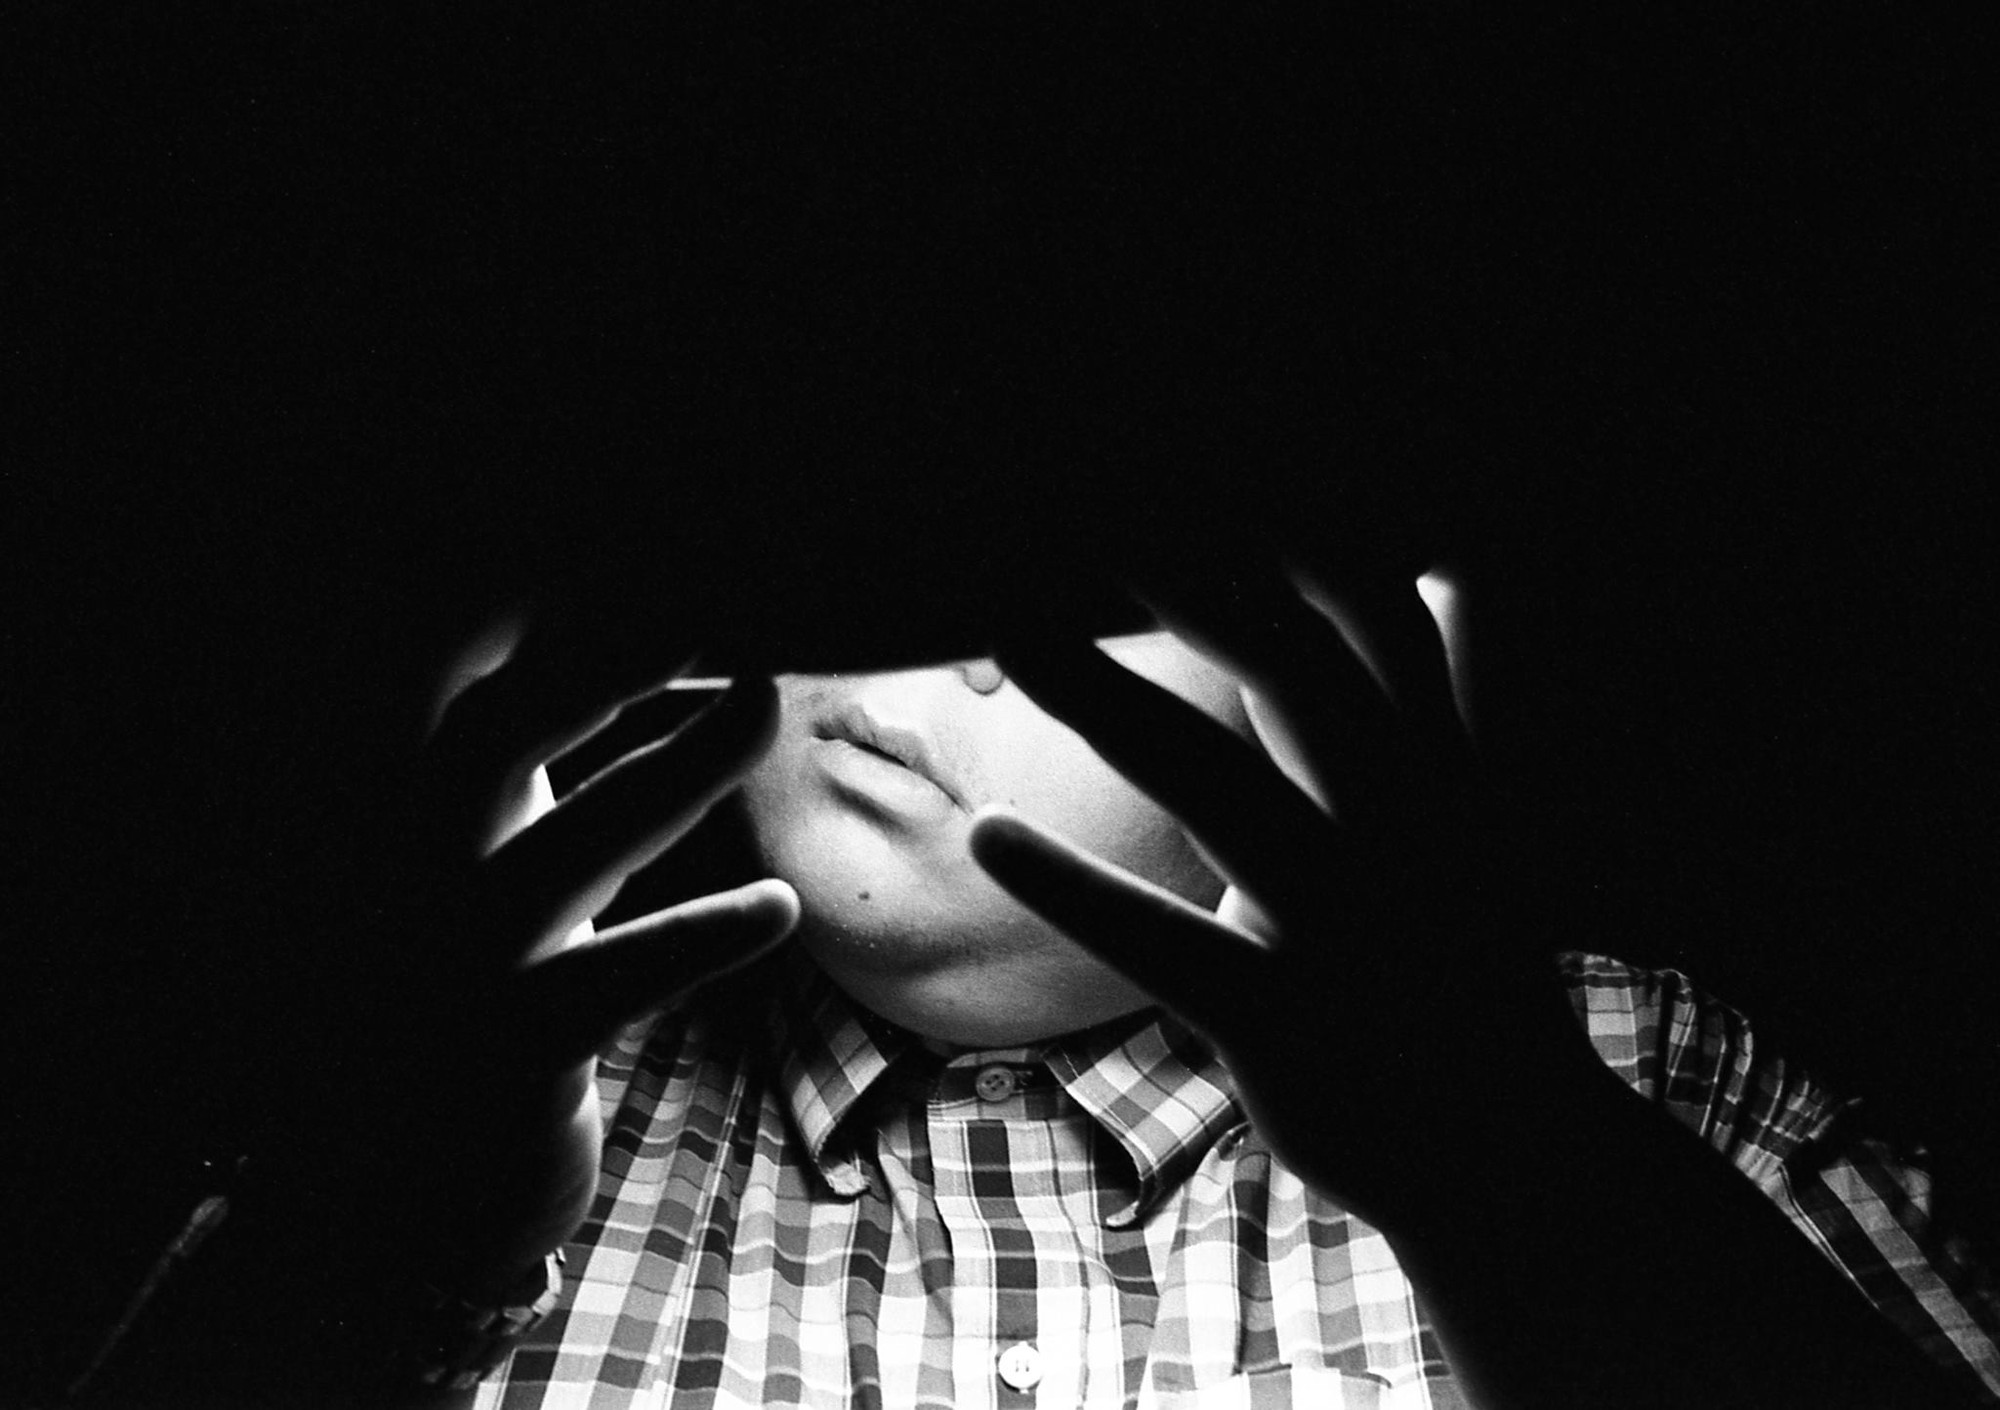 Rapper Táo - Gã tâm thần đến từ cây cổ thụ của nỗi buồn - Ảnh 3.